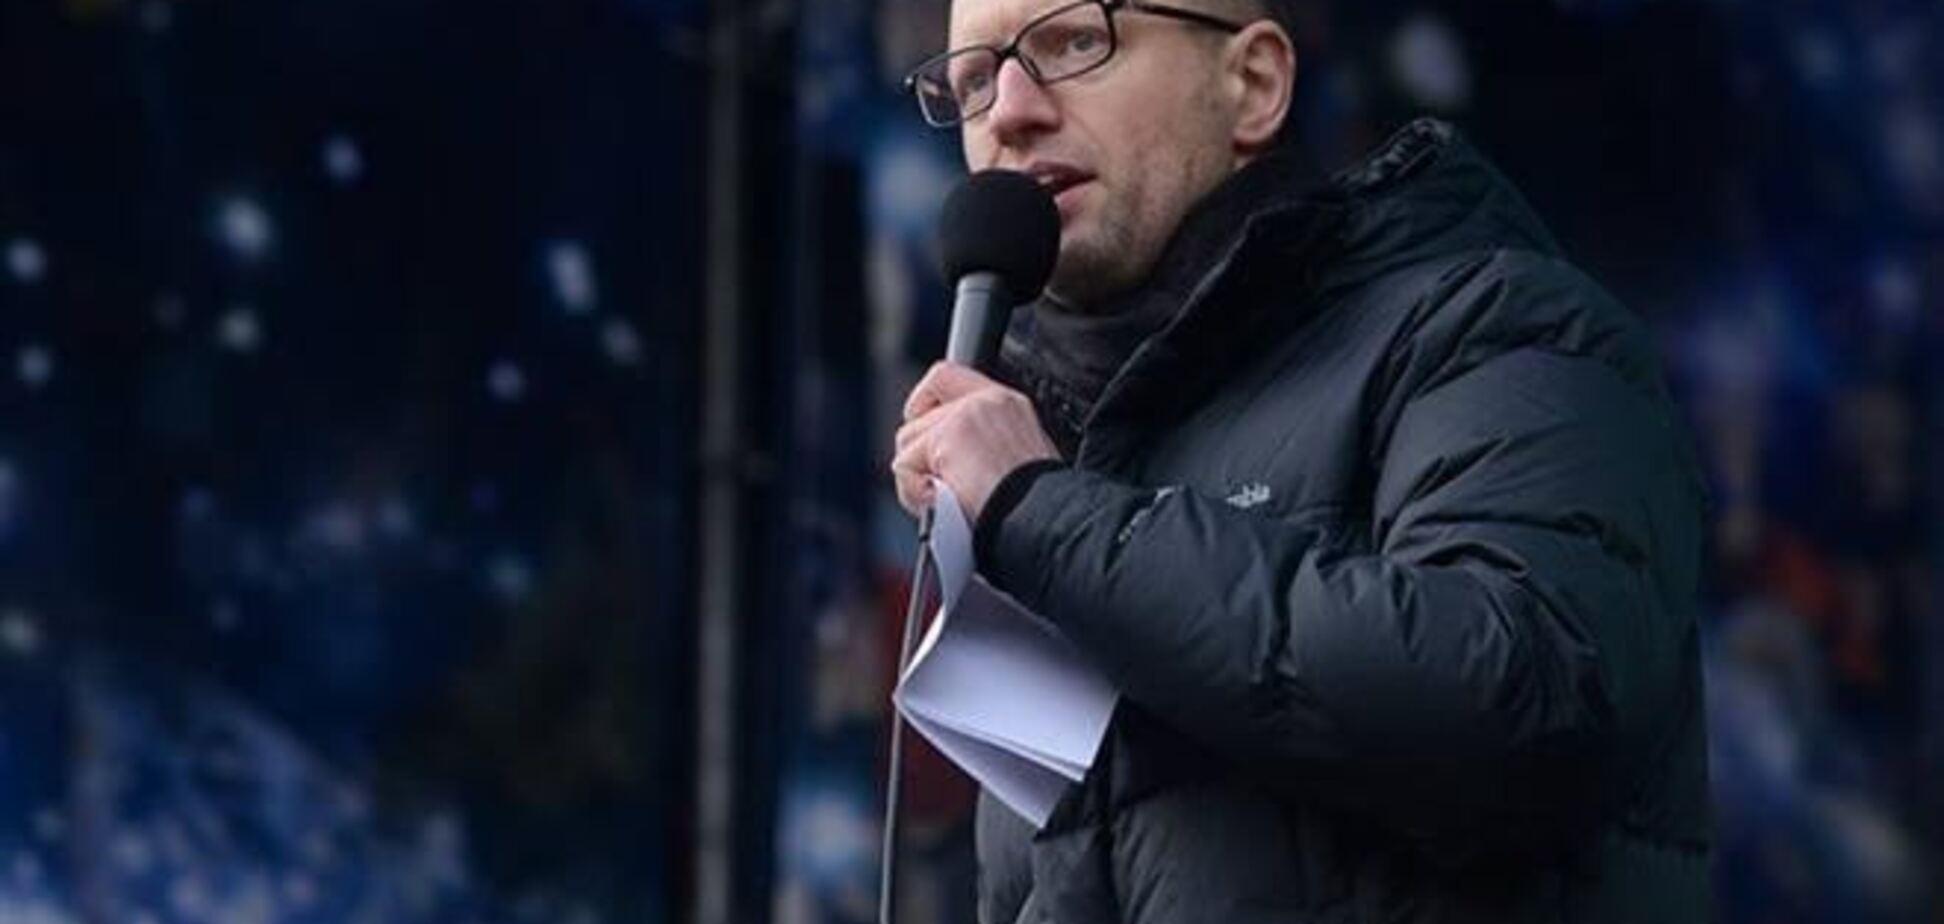 Мы будем следить за процессом закрытия уголовных дел - Яценюк